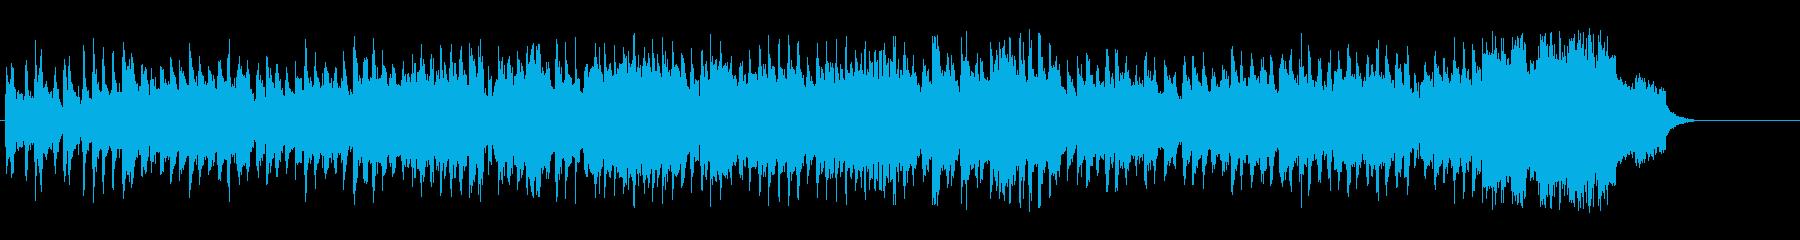 のどかな欧州風クラシカル・サウンドの再生済みの波形